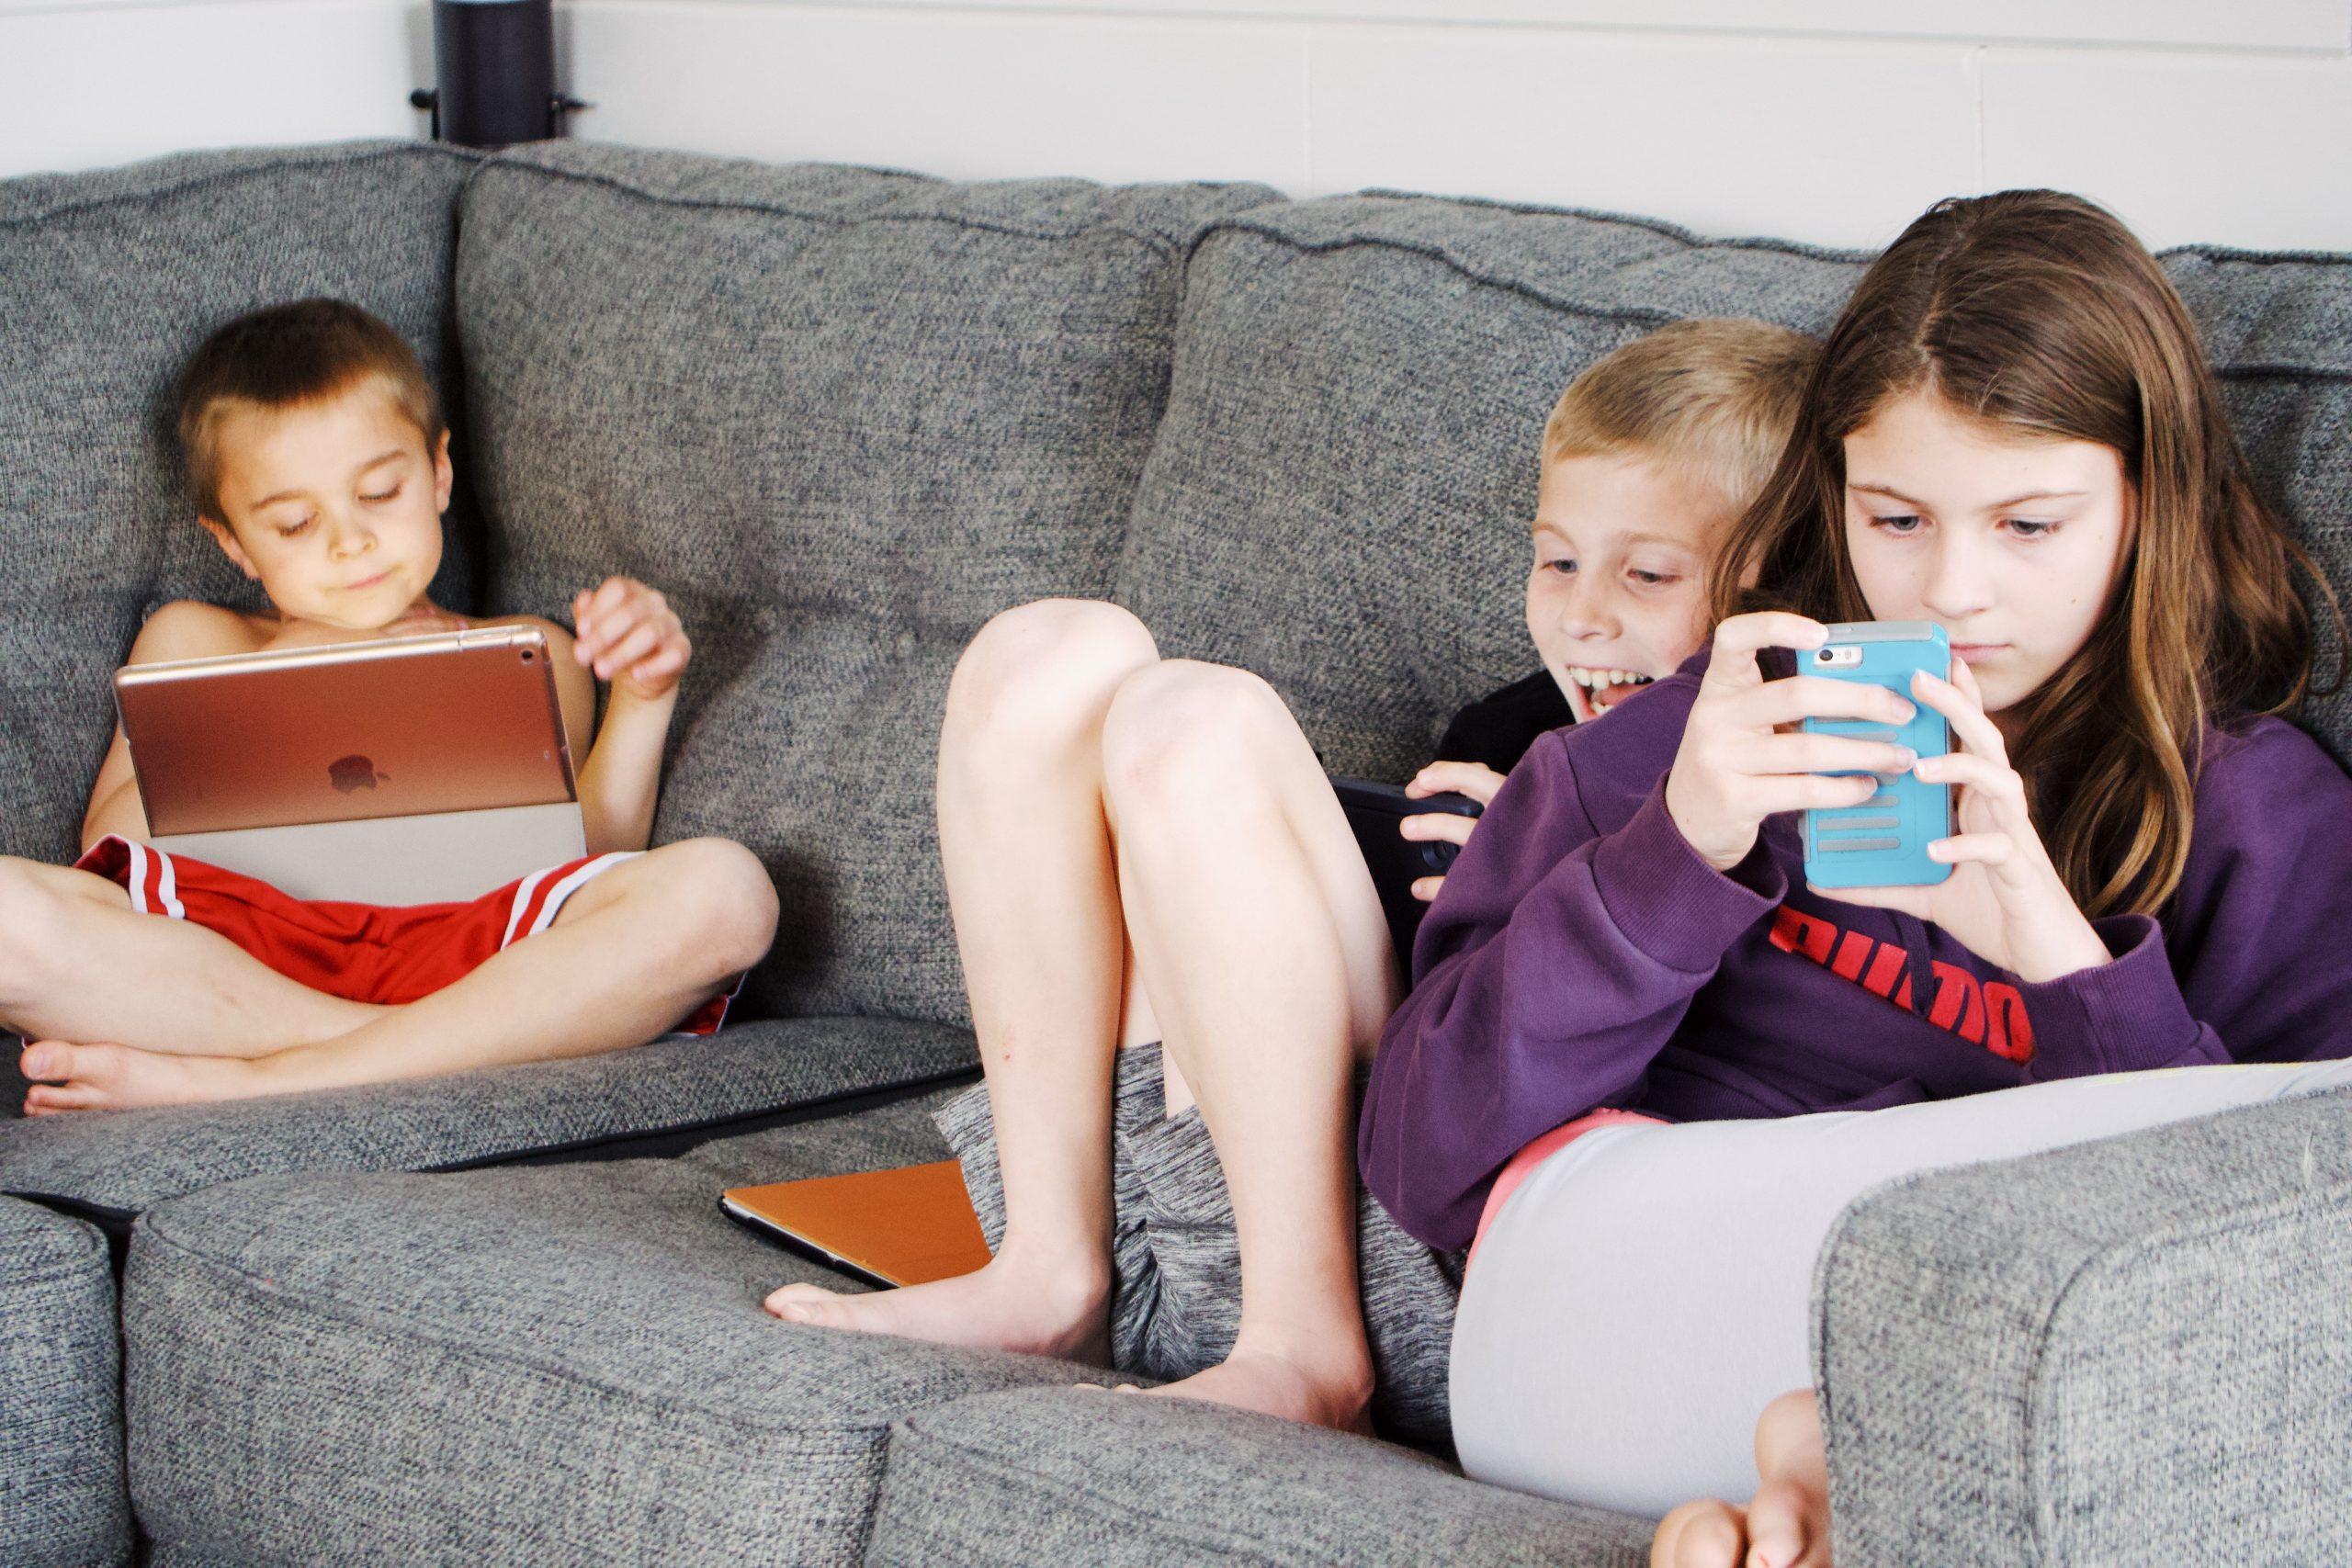 Het verminderen van schermtijd voor kinderen